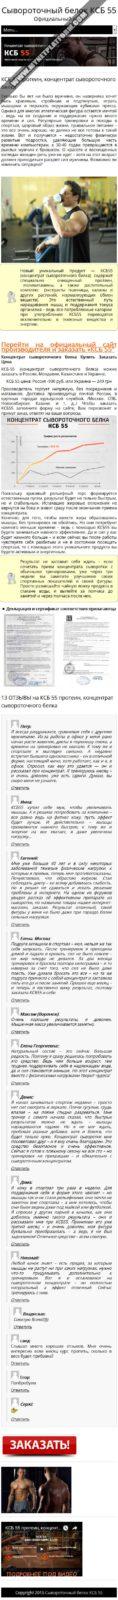 Скриншот Прокладка Официальный сайт для товара КСБ 55 01 - моб